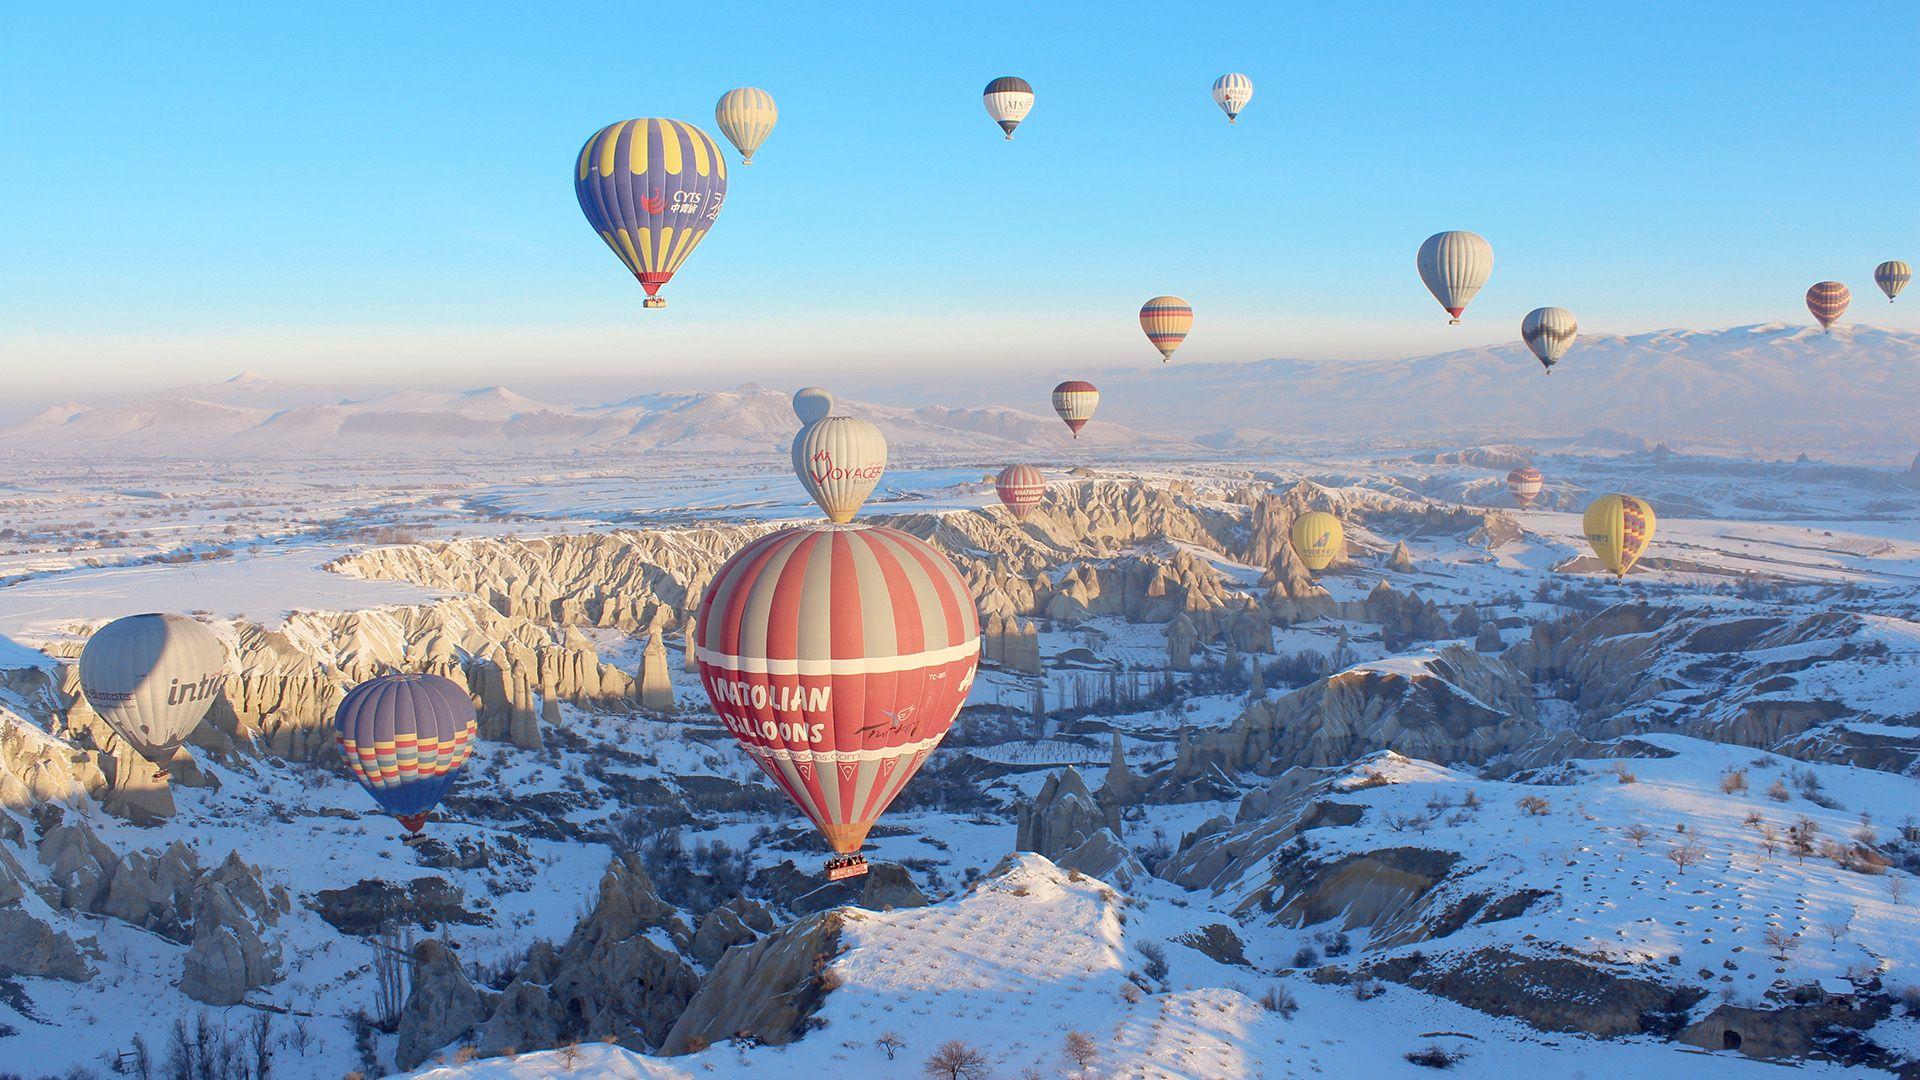 Chociaż zapaleni narciarze udają się do Kapadocji w bardzo konkretnym celu, warto zrobić sobie dzień przerwy i zobaczyć coś więcej, niż tylko stoki Erciyes.